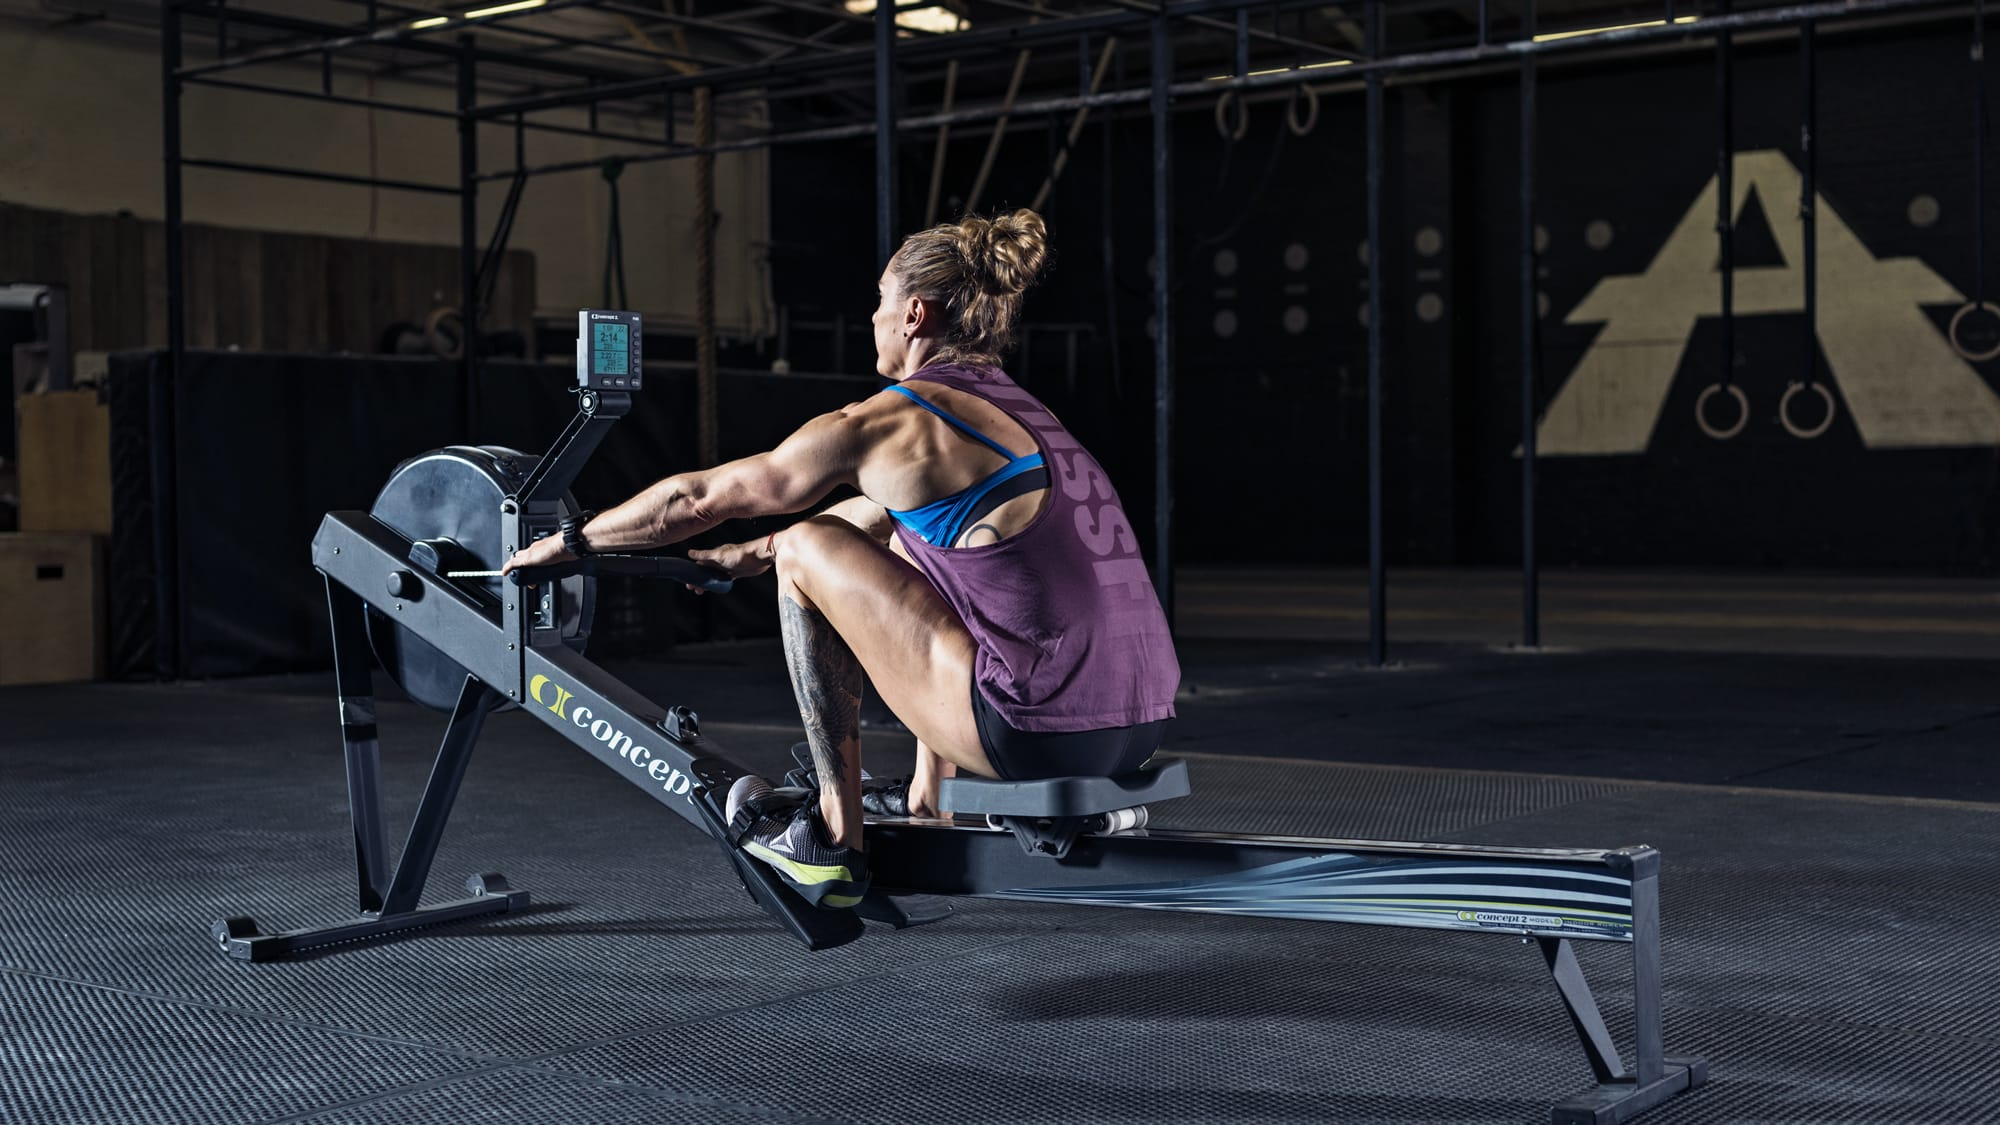 sam-briggs-rowing-tips-2